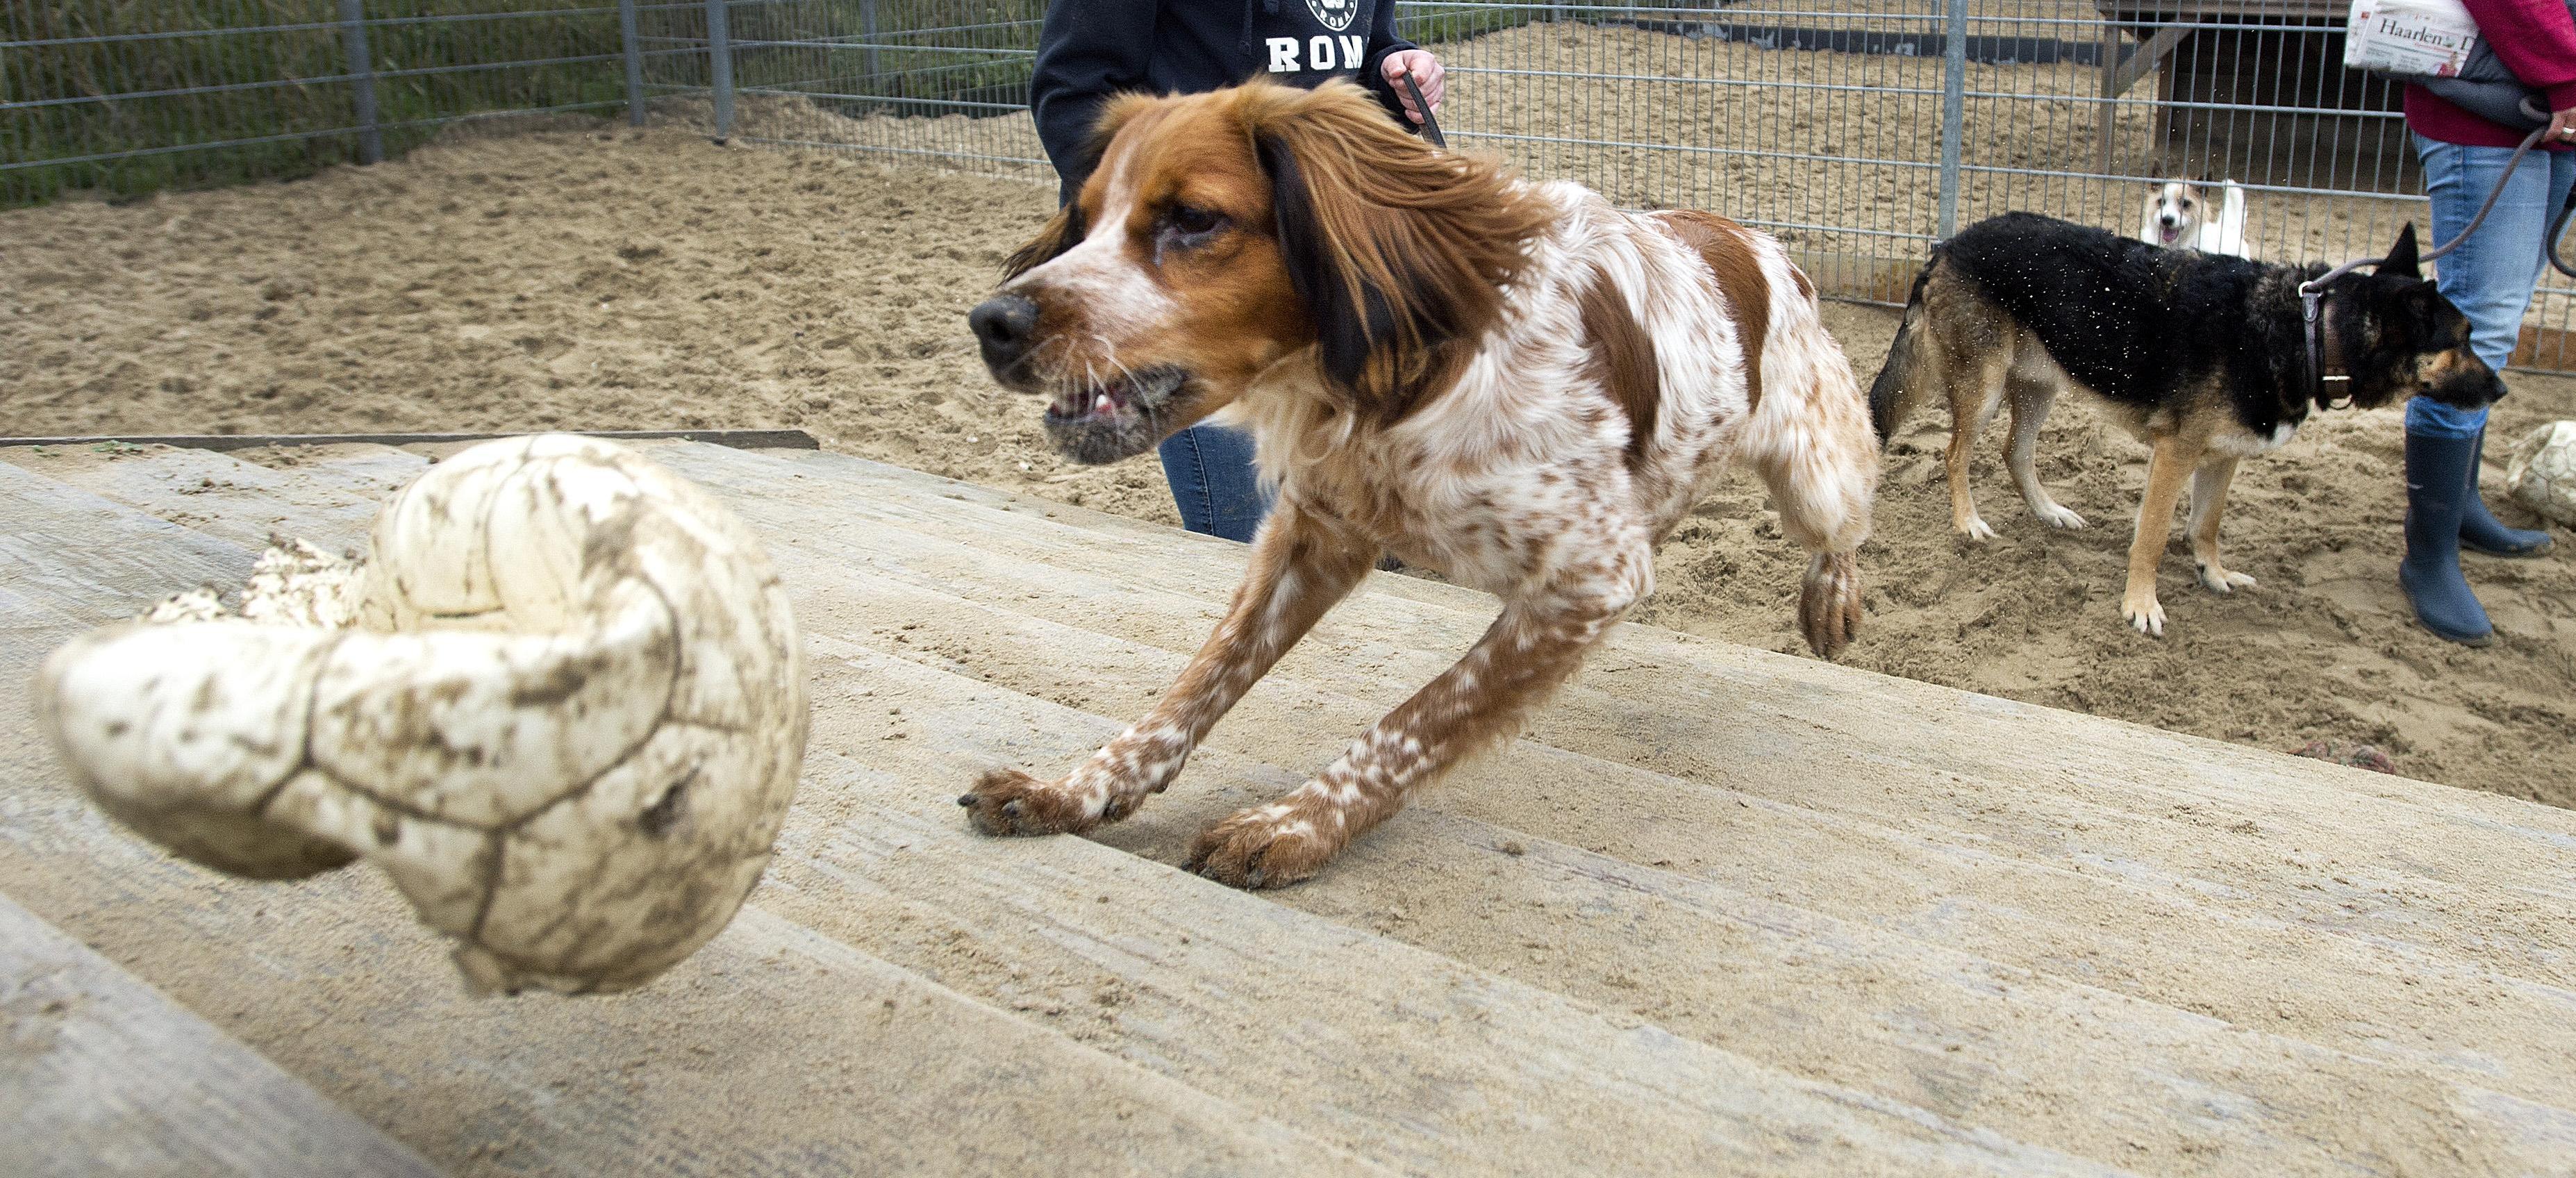 Voor zeker 162 honden geen belasting betaald in Haarlemmermeer; poldergemeente telt volgens de officiële cijfers 8776 viervoeters